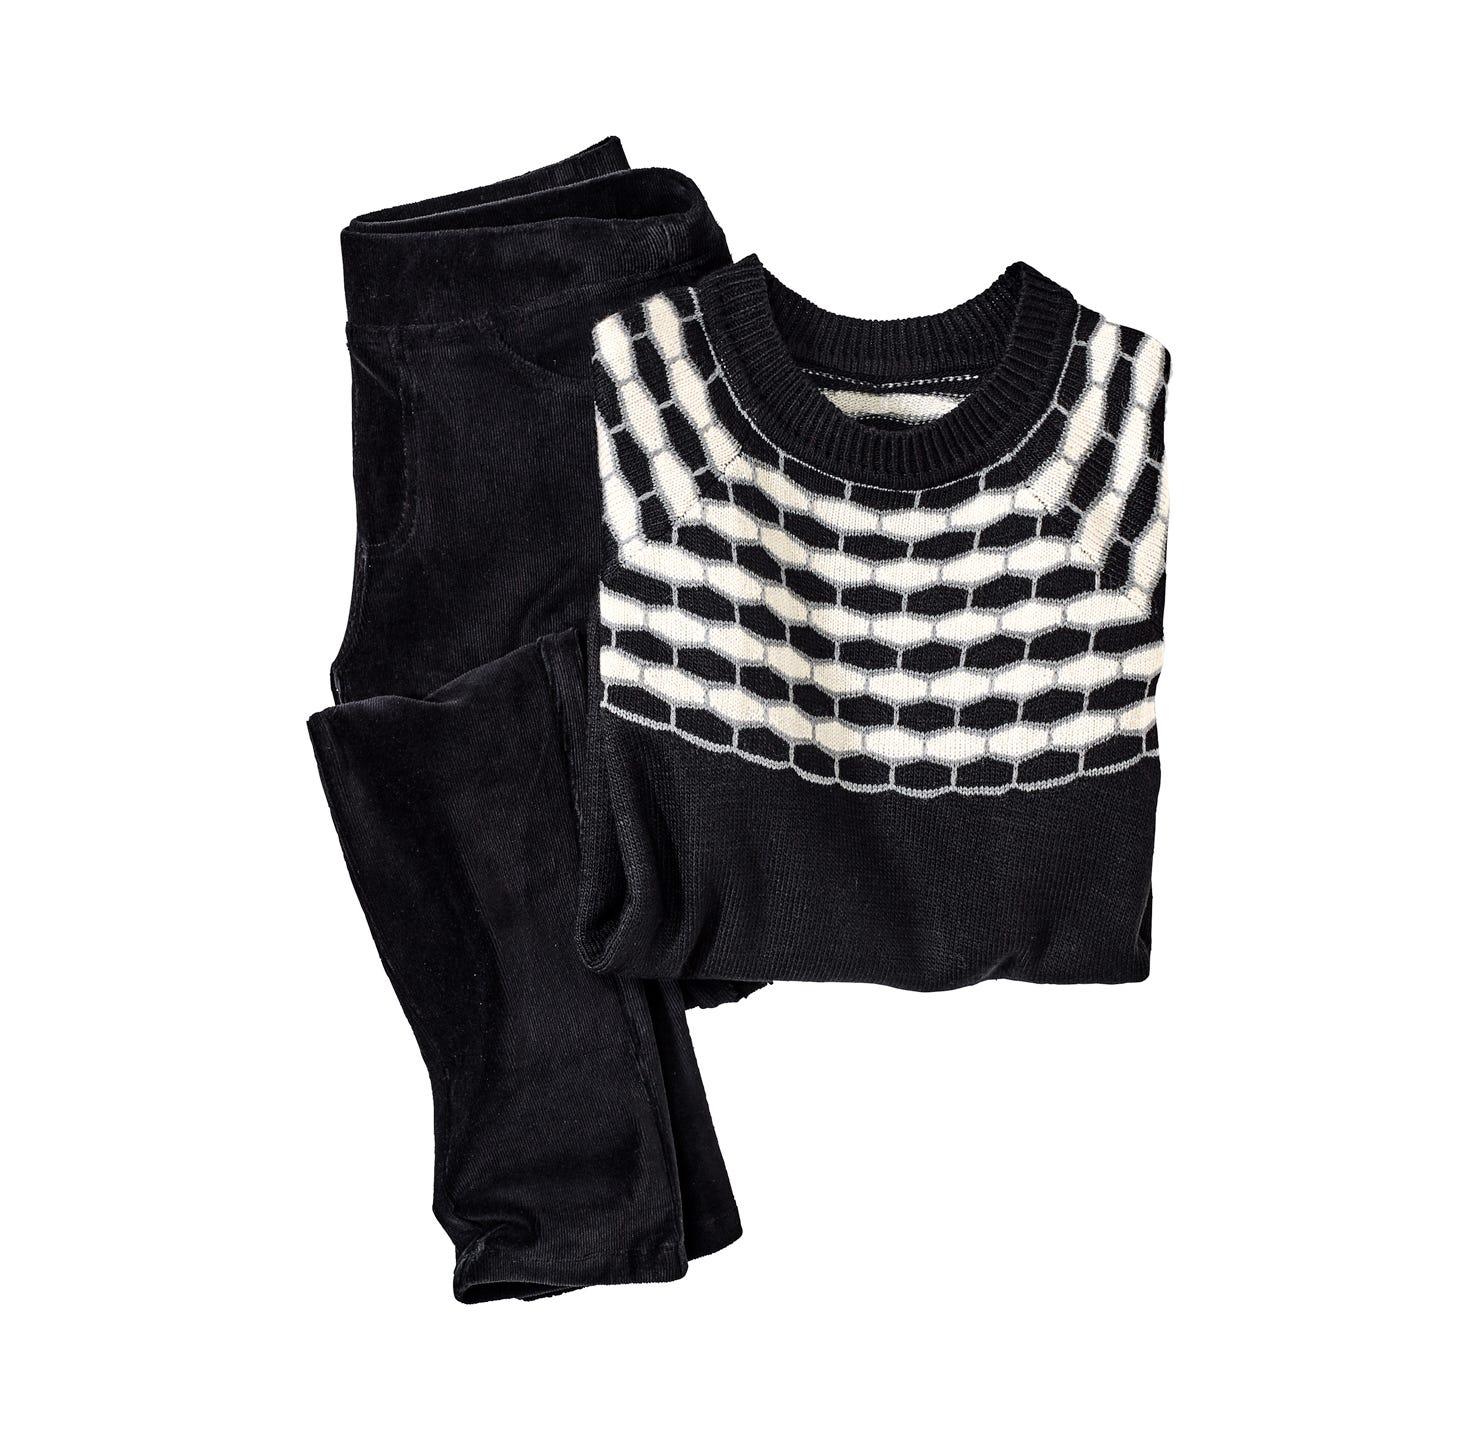 Fashion Damenbekleidung Rabattaktionen : Neu Naketano Parka